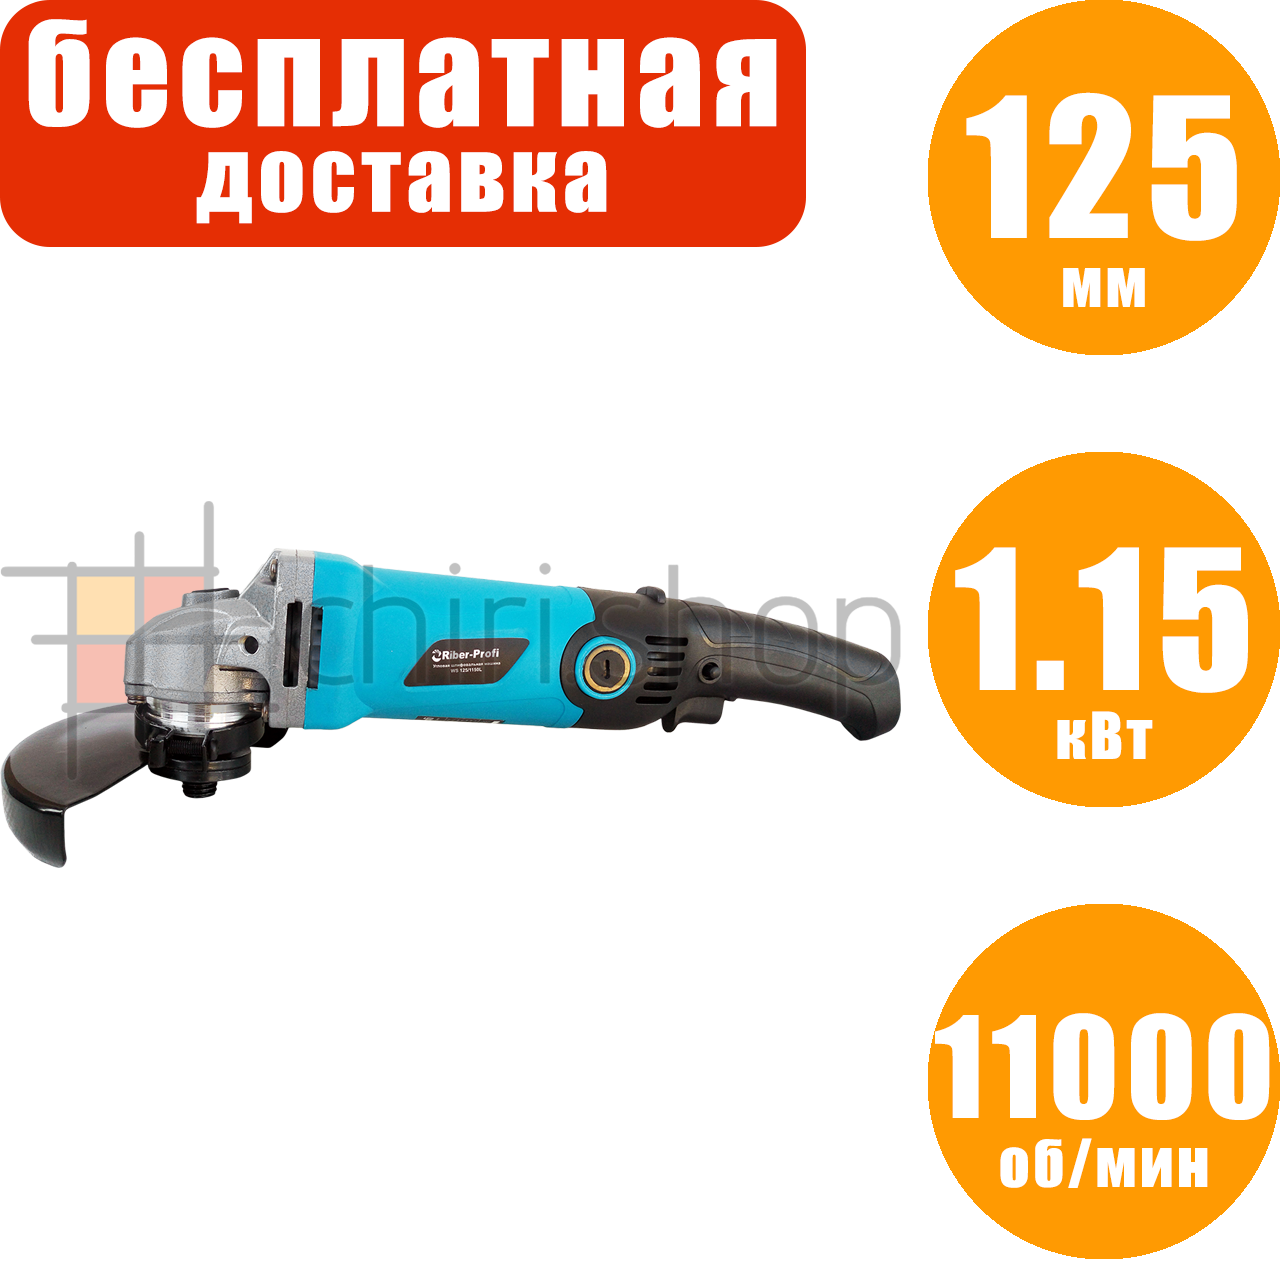 Болгарка 125 мм длинная ручка Riber WS 125 1150L, УШМ КШМ, углошлифовальная машина, угловая шлифмашина